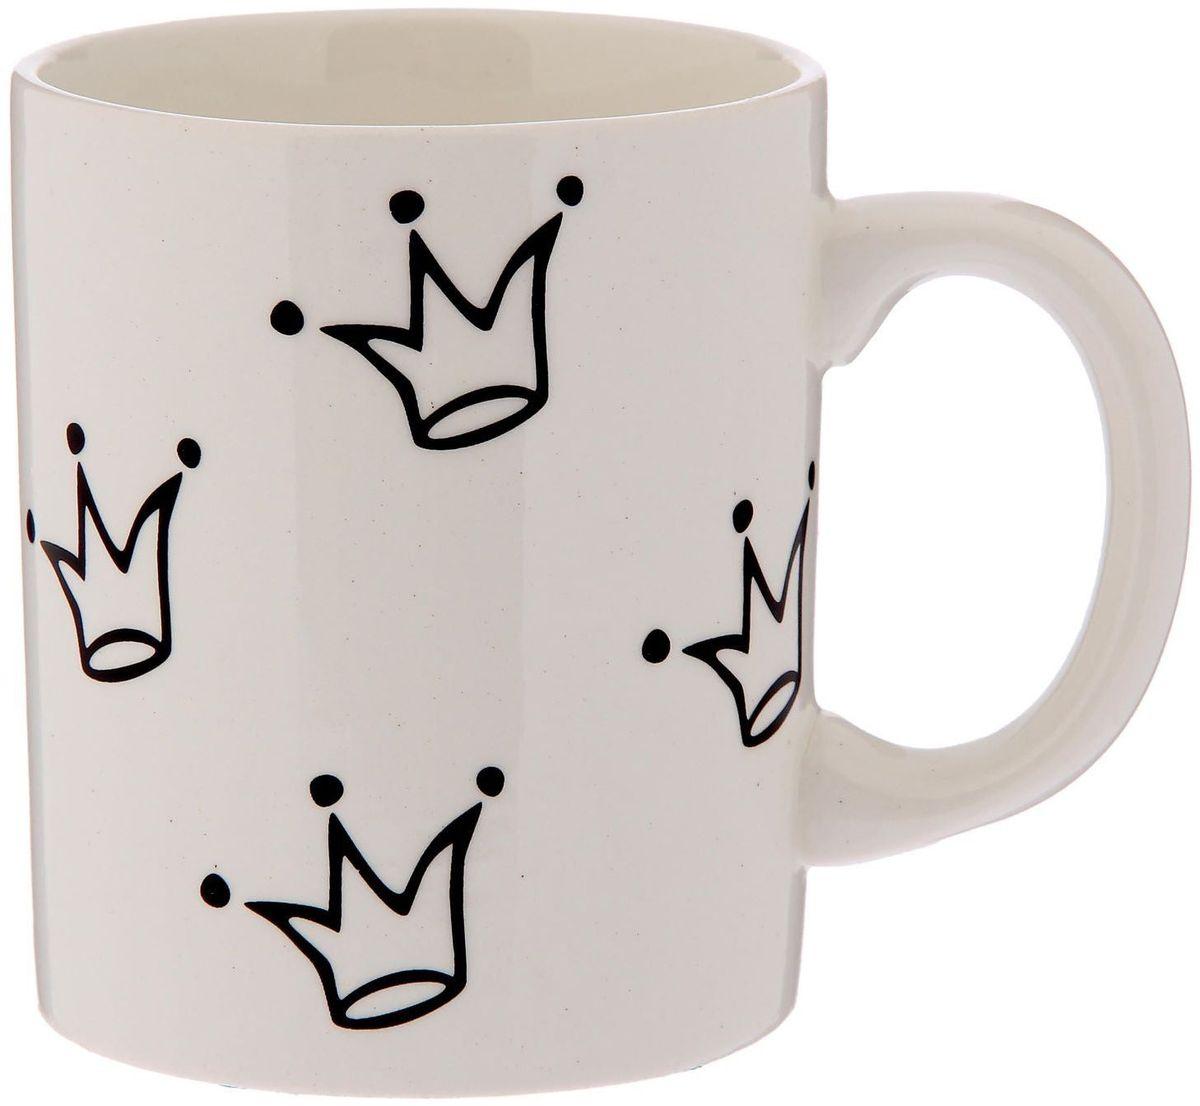 Кружка Сотвори чудо My Little Crown, 320 мл2277830Хотите обновить интерьер кухни или гостиной? Устраиваете необычную фотосессию или тематический праздник? А может, просто ищете подарок для близкого человека?Кружка станет любимым аксессуаром на долгие годы. Относитесь к изделию бережно, и оно будет дарить прекрасное настроение каждый день!